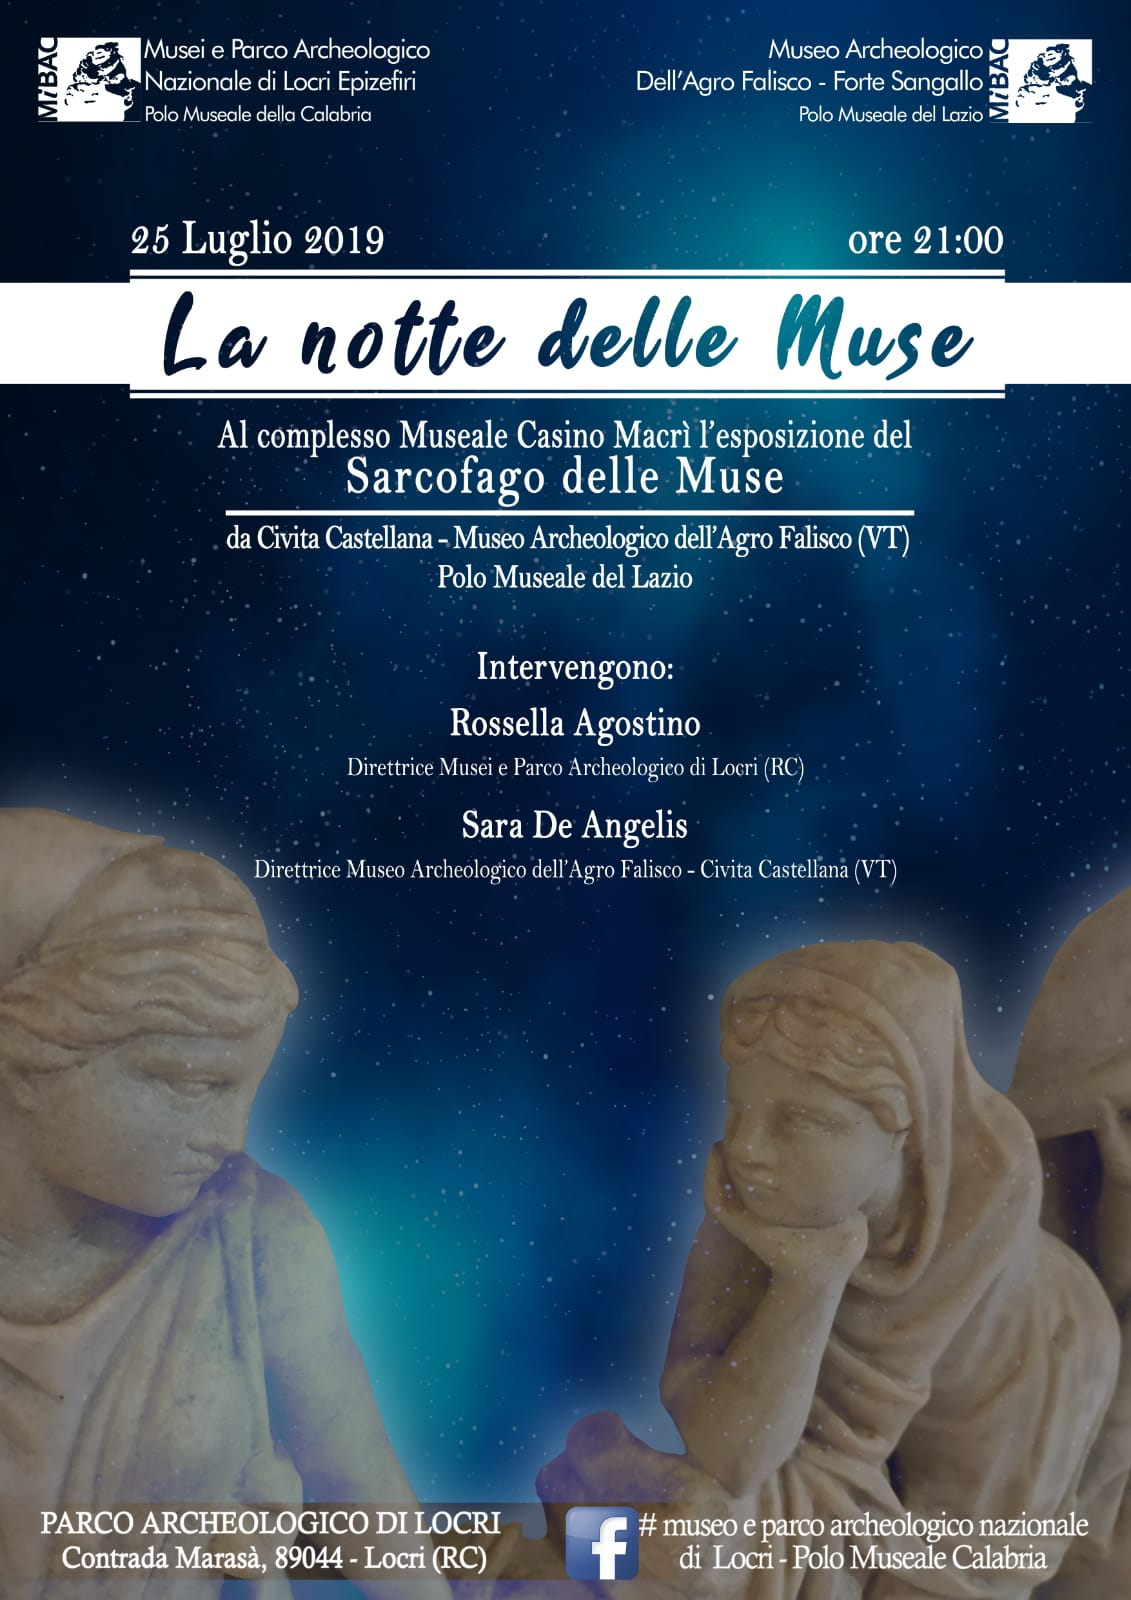 Esposizione del sarcofago delle muse Complesso monumentale Casino Macrì Parco Archeologico di Locri